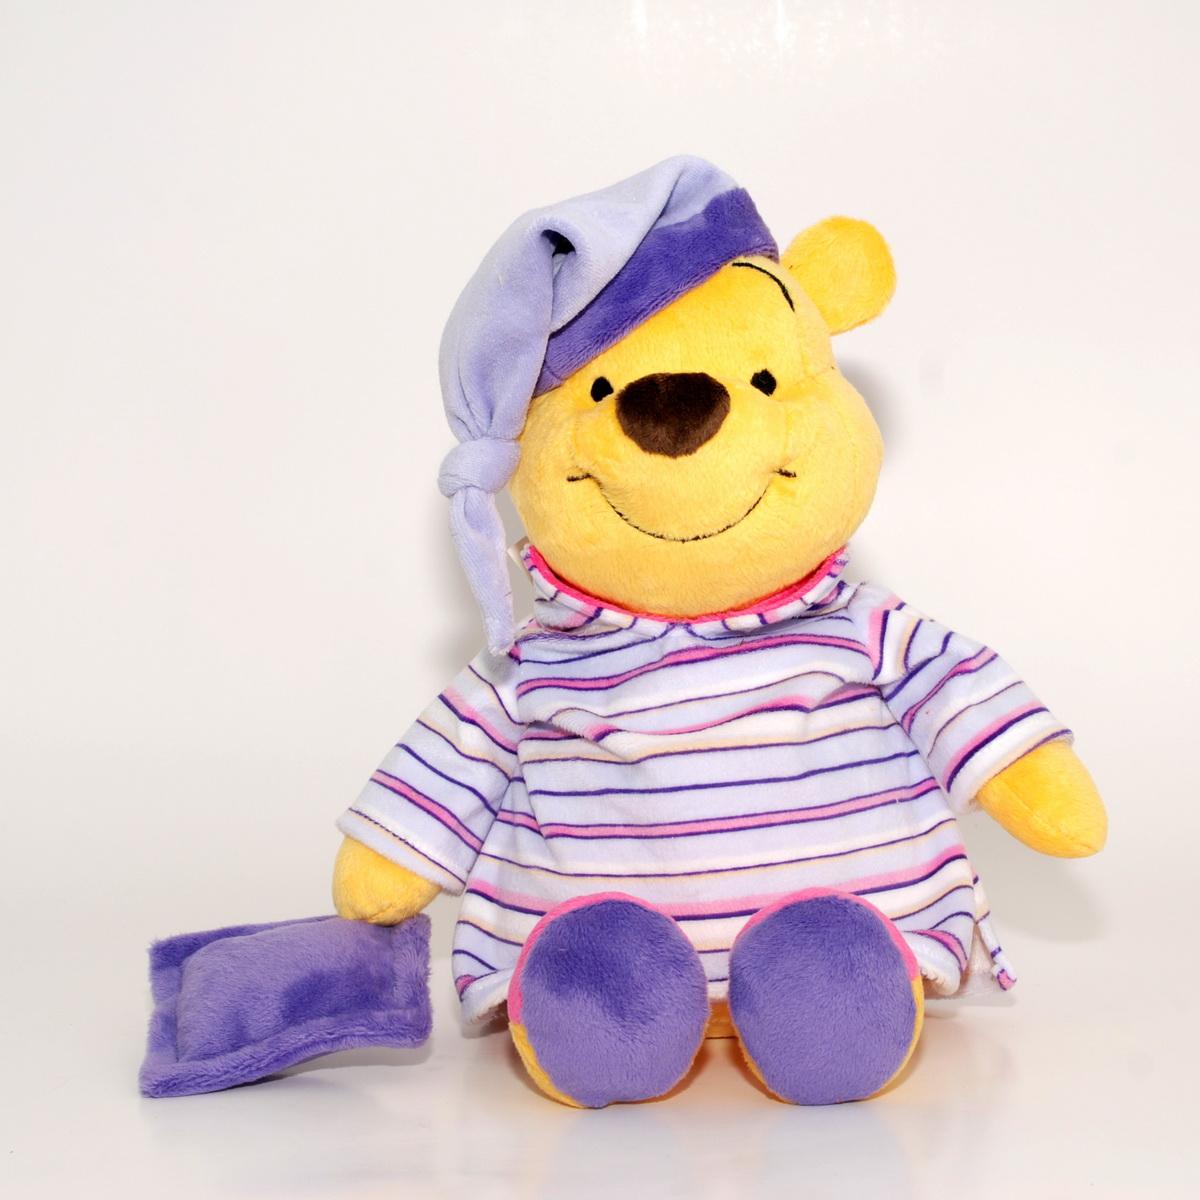 Сонный Винни. Мягкая говорящая игрушка, 35 смDVT0\MОчаровательная музыкальная мягкая игрушка Сонный Винни, выполненная в виде главного героя популярного мультфильма Винии пух и его друзья вызовет умиление и улыбку у каждого, кто ее увидит. Она станет замечательным подарком, как ребенку, так и взрослому. Необычайно мягкая, она принесет радость и подарит своему обладателю мгновения нежных объятий и приятных воспоминаний. Ваш любимый герой расскажет стихотворение, и уснет зевая, посапывая и насвистывая мелодию. Игрушка подарит детям радость и приятные сны. Игрушка Сонный Винни выполнена из высококачественных текстильных материалов и гипоаллергенного синтепона. Мягкая игрушка может стать милым подарком, а может быть и лучшим другом на все времена. Предлагаемые нами игрушки представляют собой образец великолепного дизайна. Компания Disney сама занимается дизайном и предъявляет большие требования к качеству продукции: все плюшевые герои соответствуют своим мультяшным прототипам, а самое главное -...